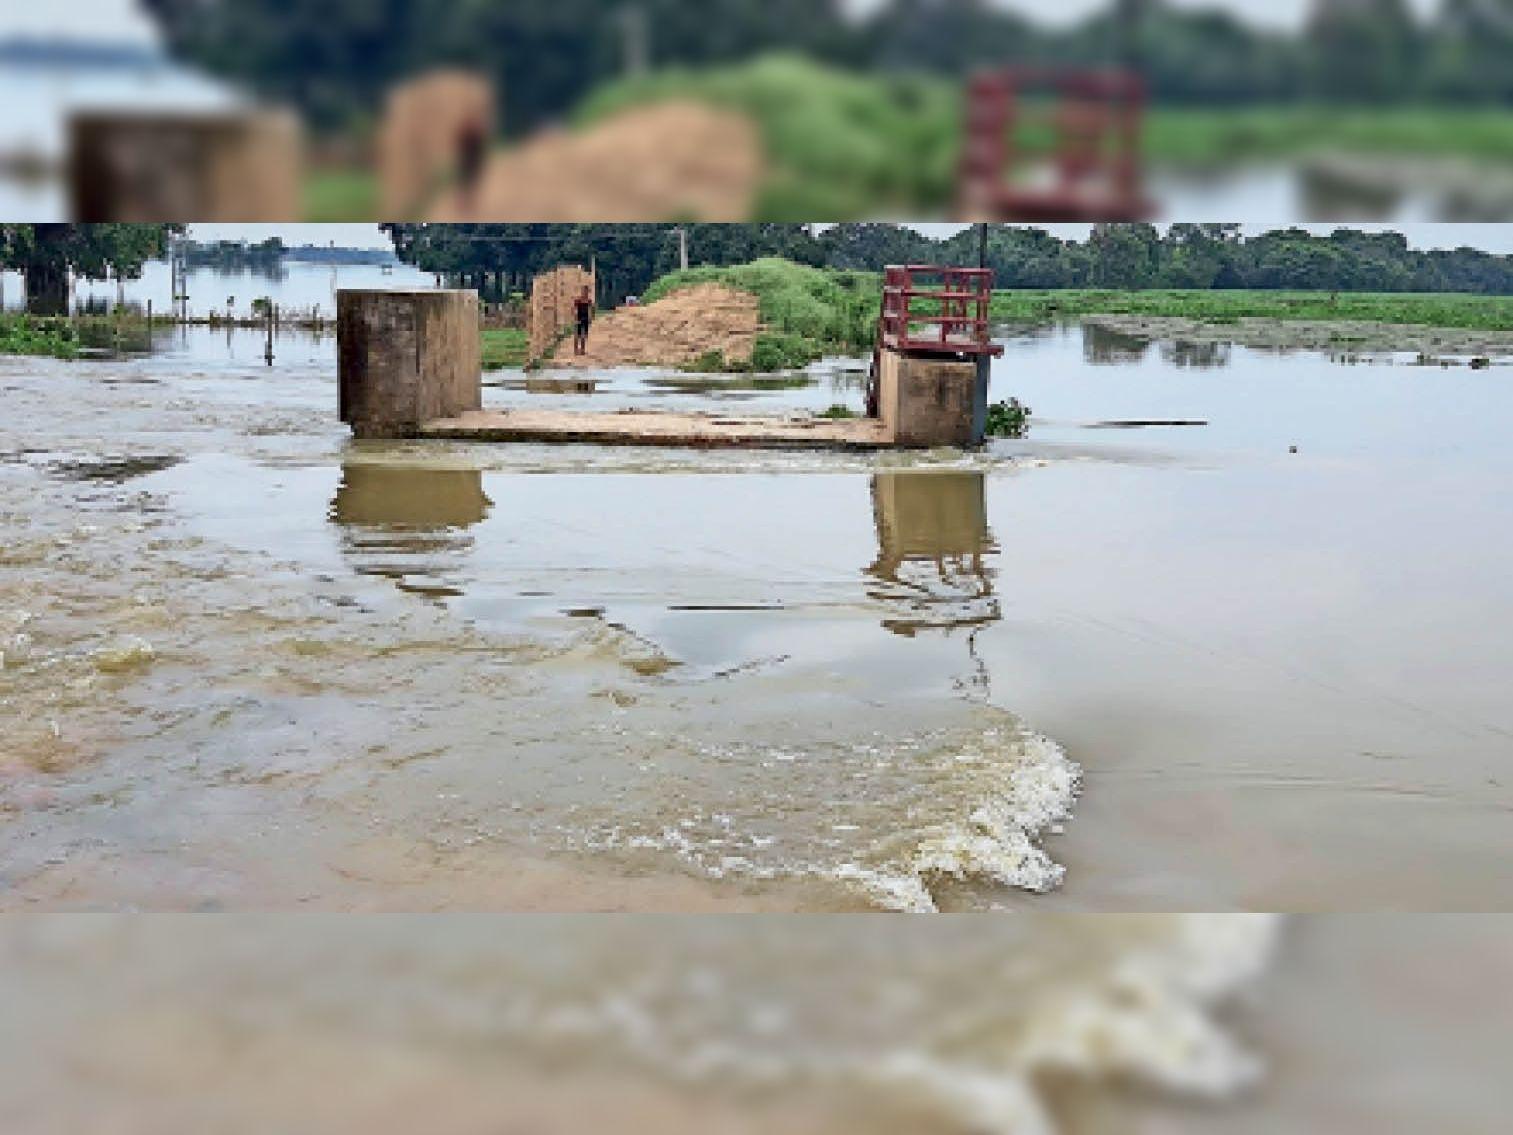 चानपुरा पश्चिम-रजवा बांध के ऊपर से बहता पानी। - Dainik Bhaskar